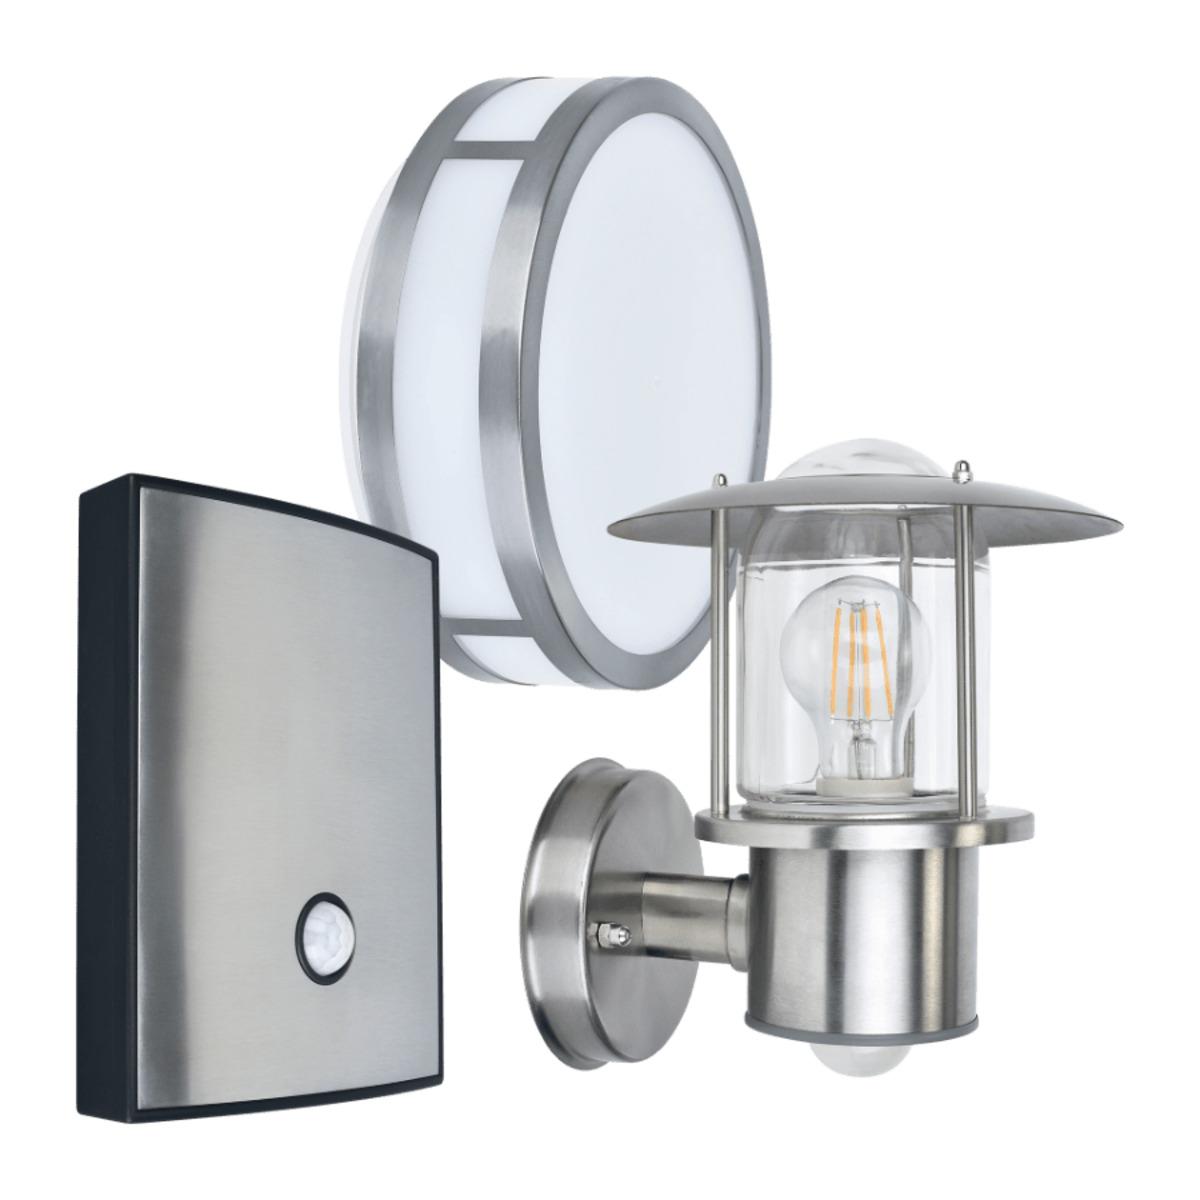 Bild 1 von LIGHTZONE     Wand-Außenleuchte / LED-Außenleuchte